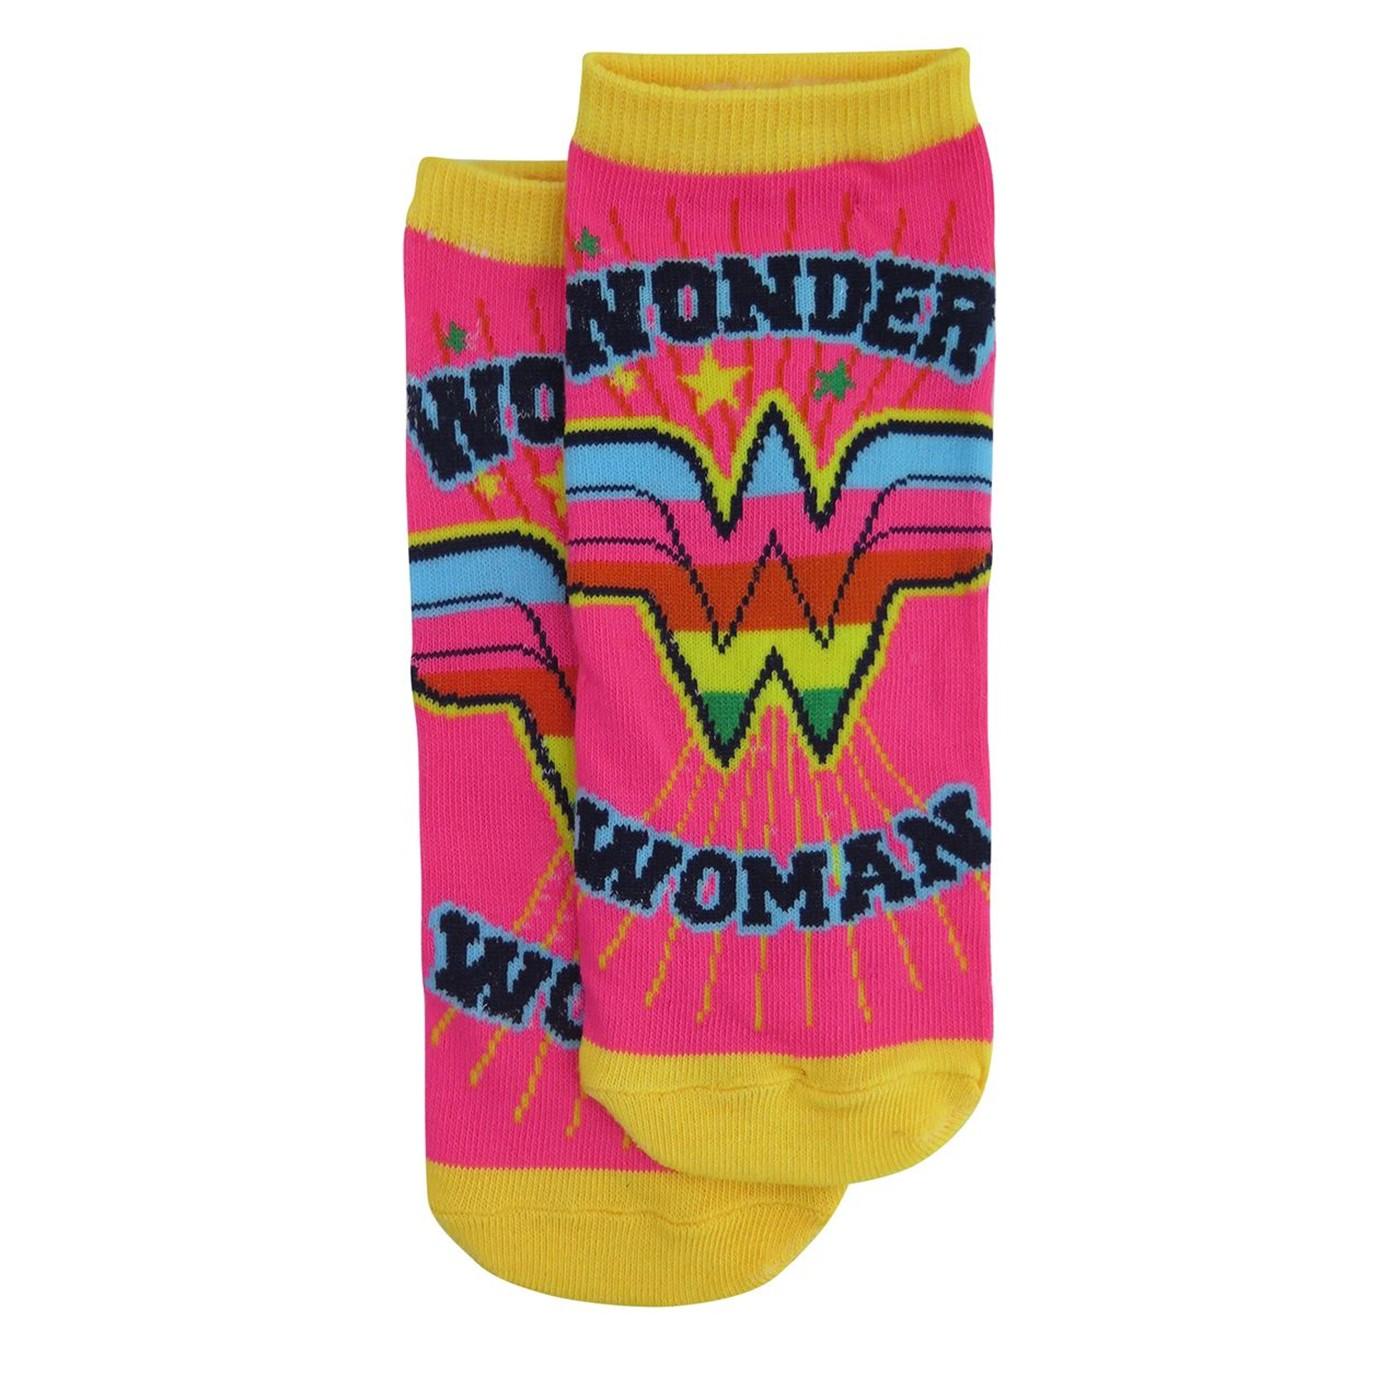 Wonder Woman Neon Women's Low Cut Sock 5-Pack